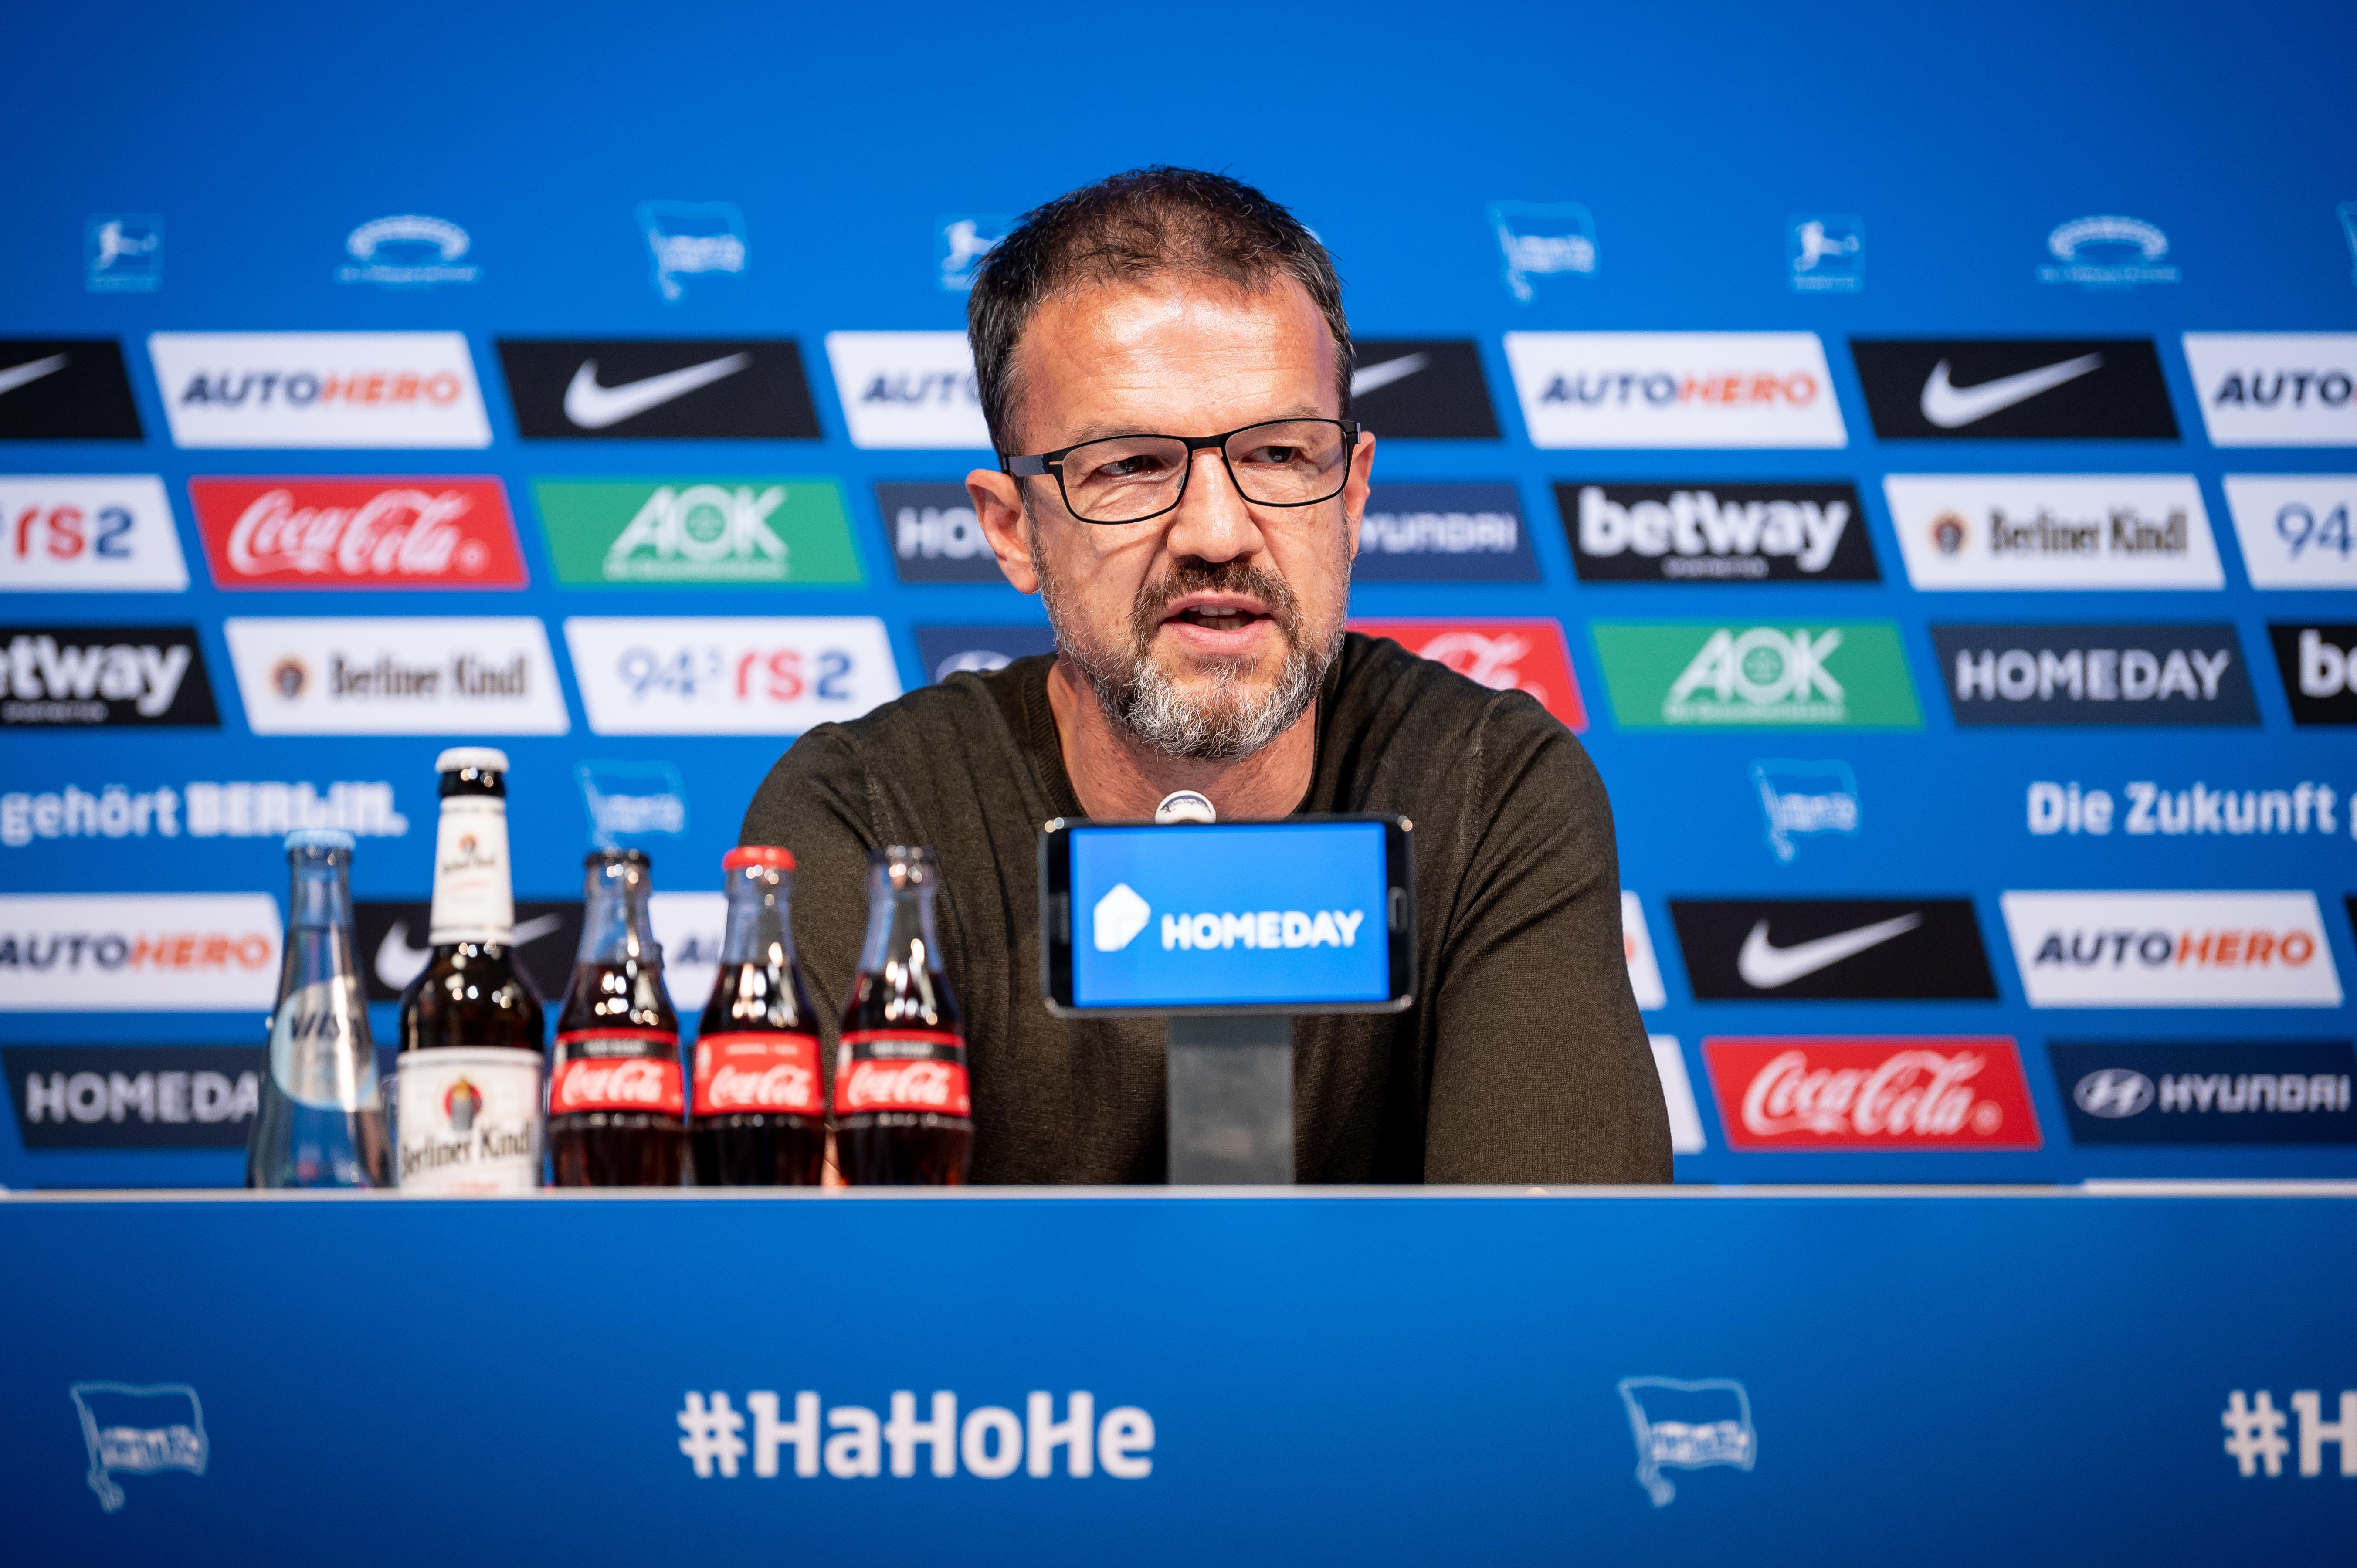 Fredi Bobic at the press conference.